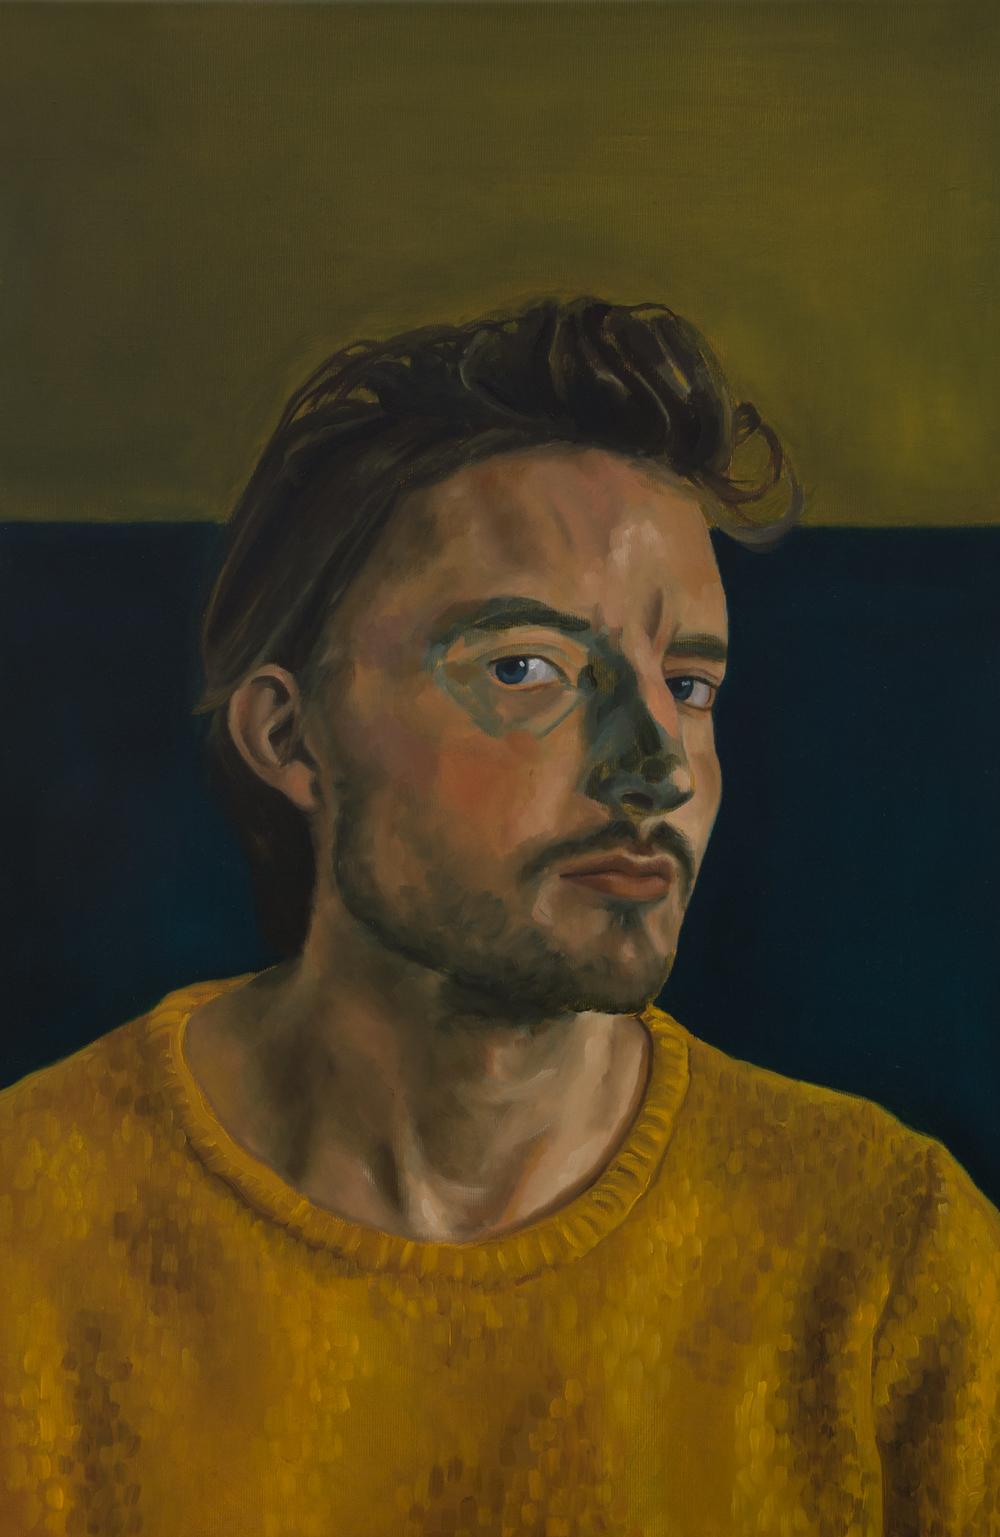 Geschilderd Portret - Maarten - Acryl en Olie op doek